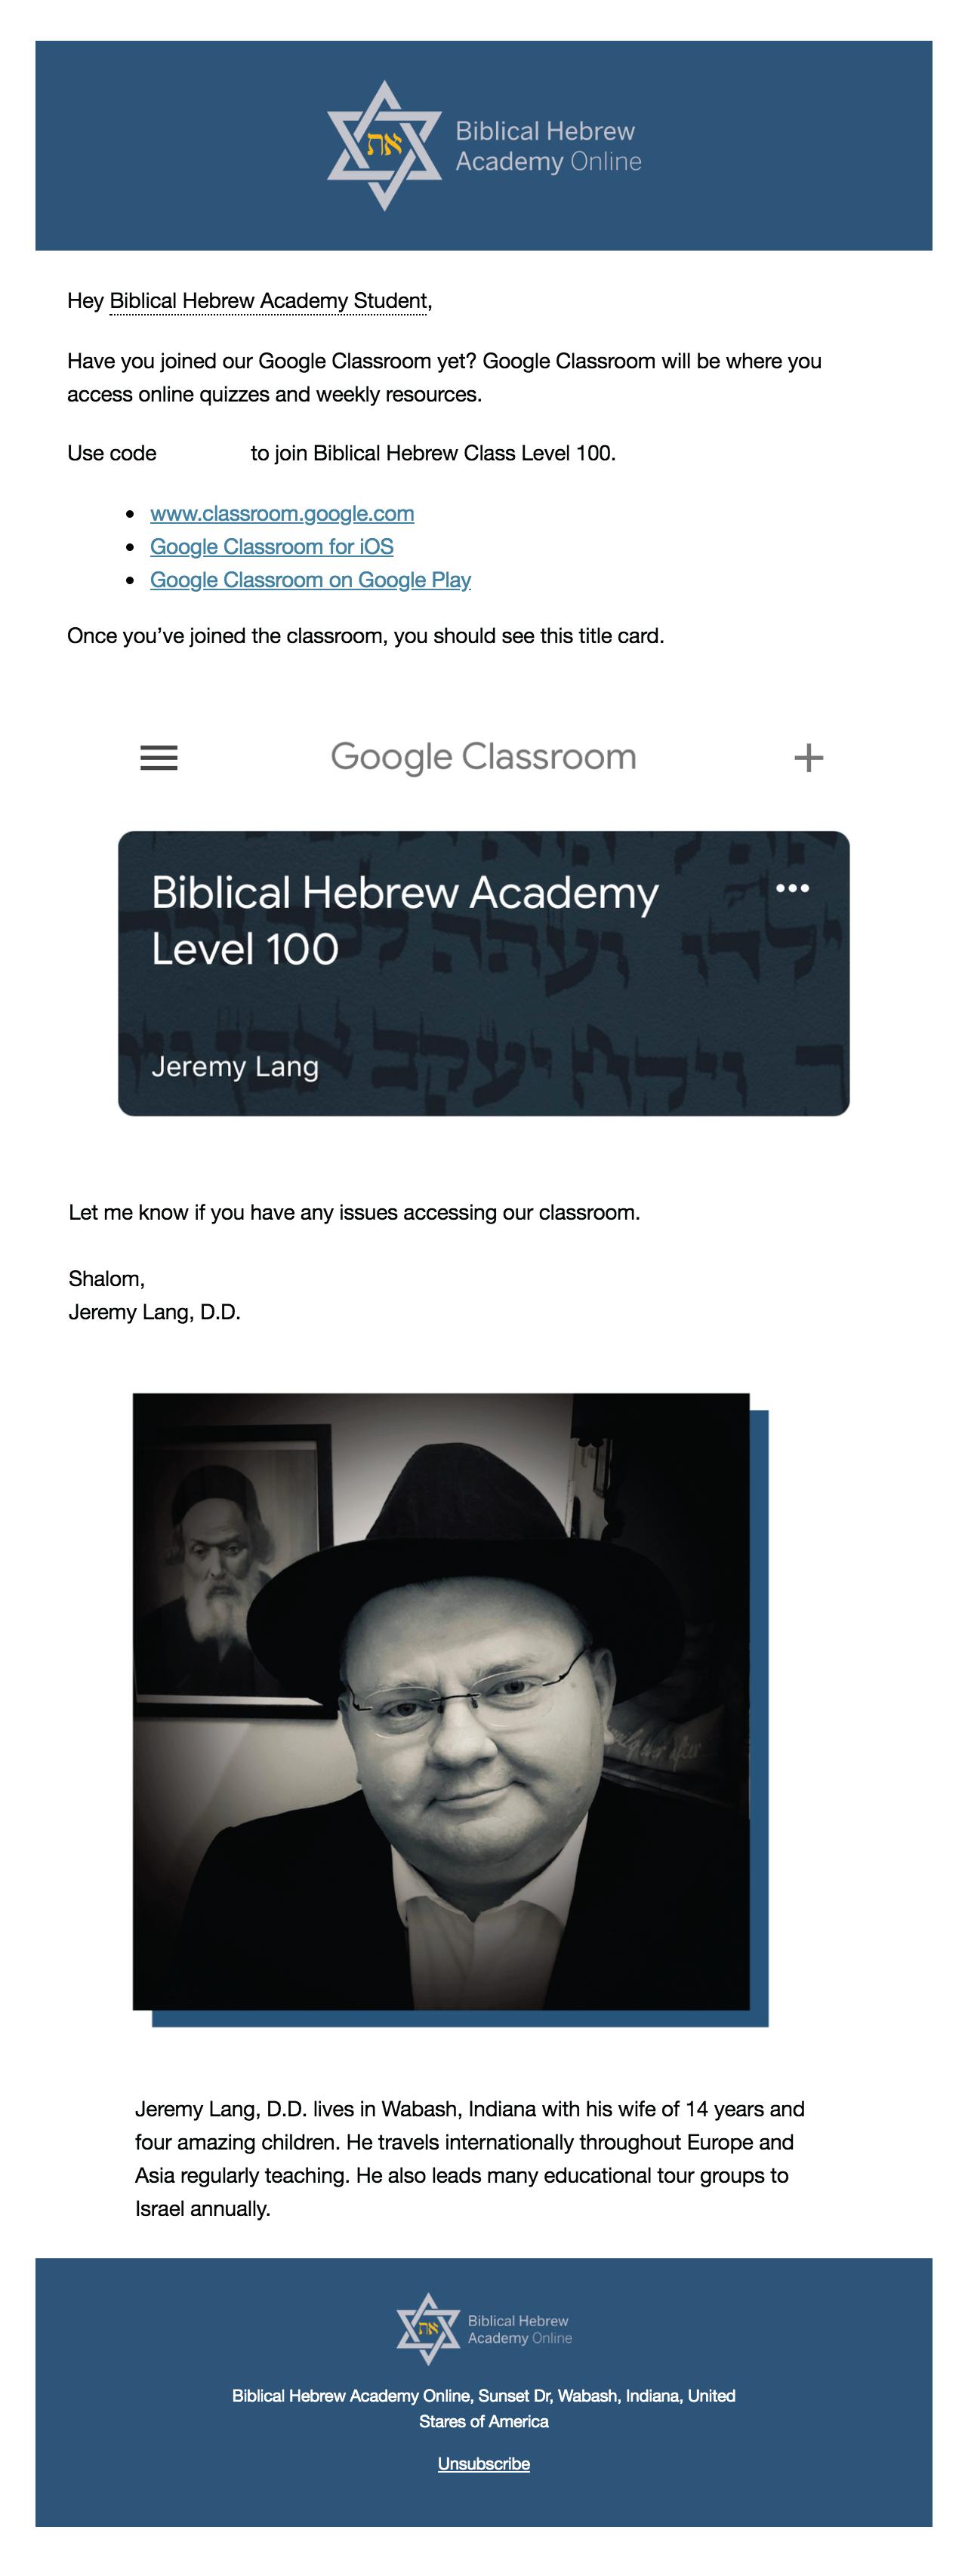 Biblical Hebrew Academy Online-17.png